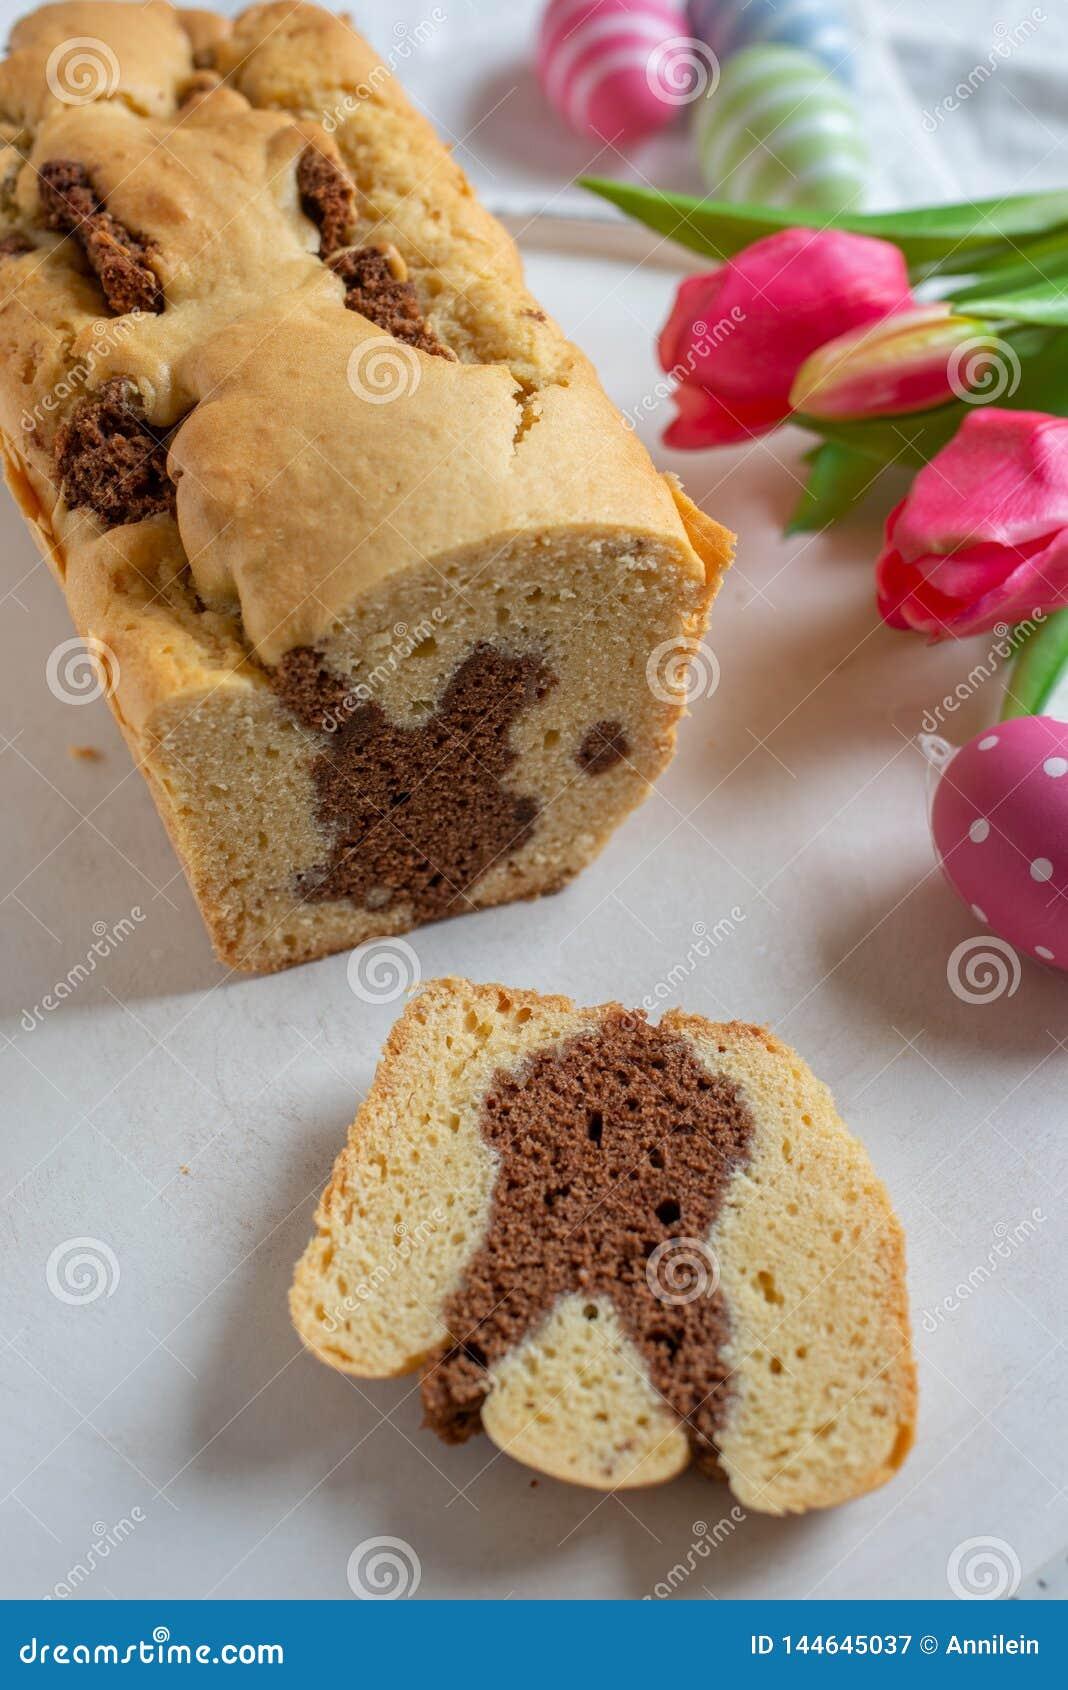 Fresh baked Easter Bunny Cake